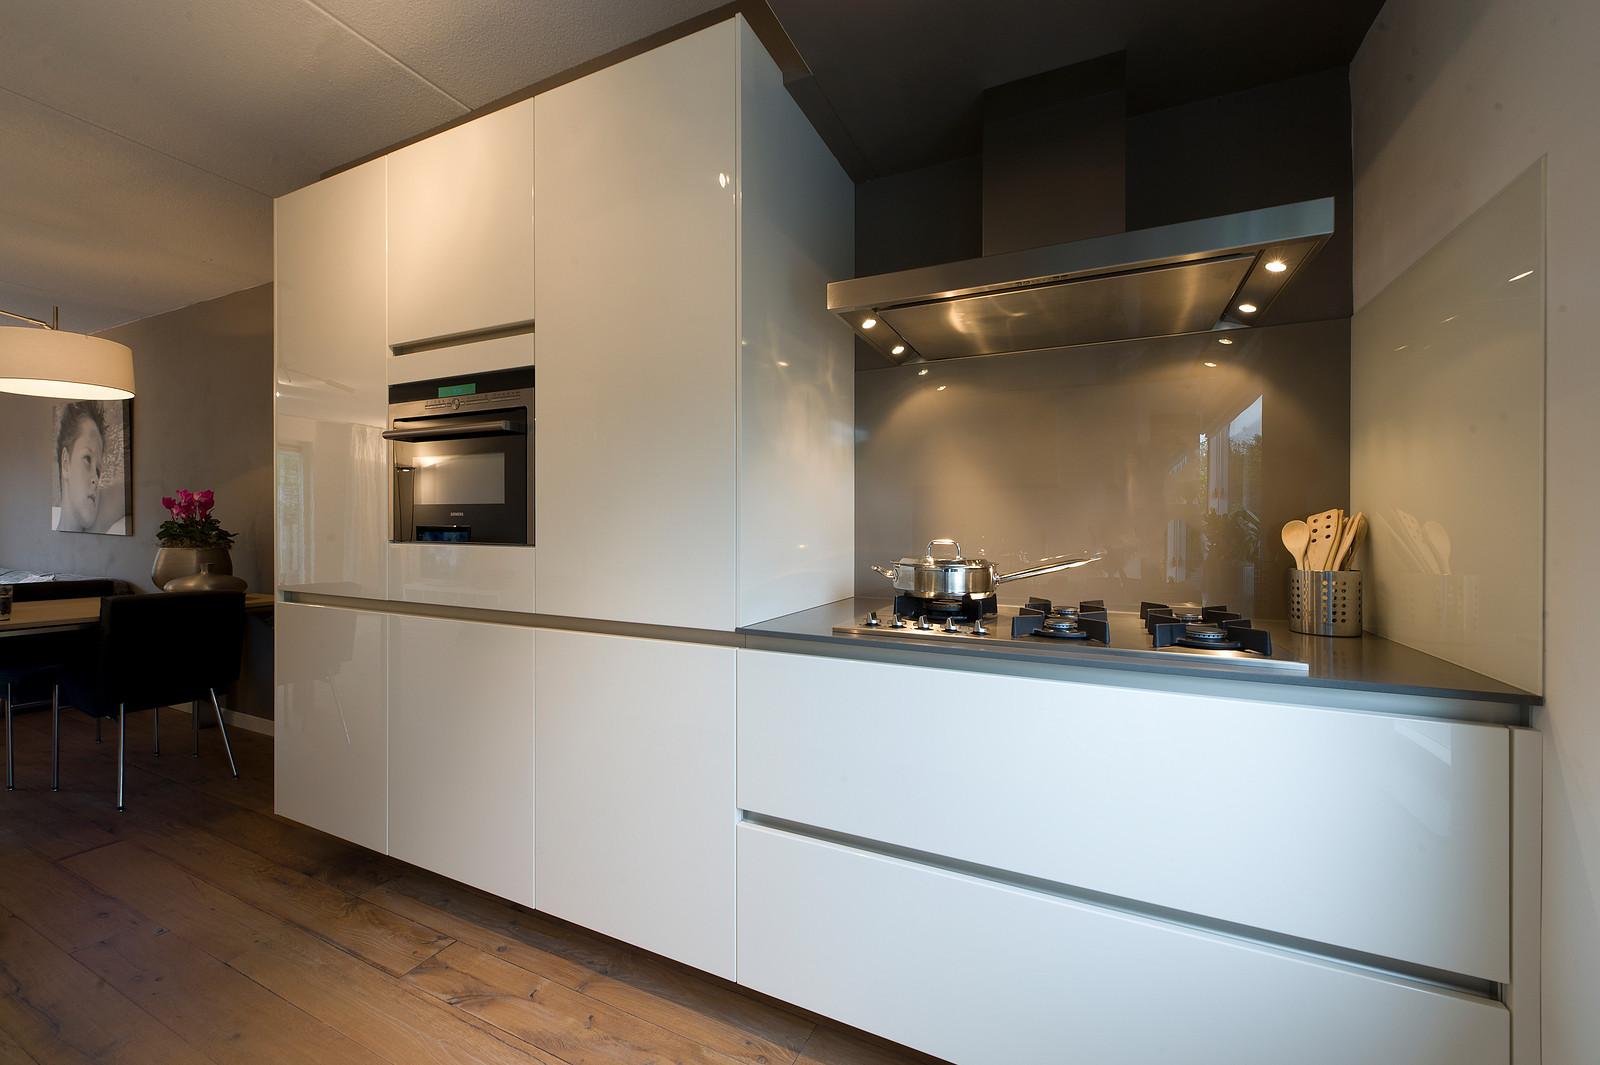 Witte hoogglans keuken schuller via tieleman keukens product in beeld startpagina voor - Witte keukens ...